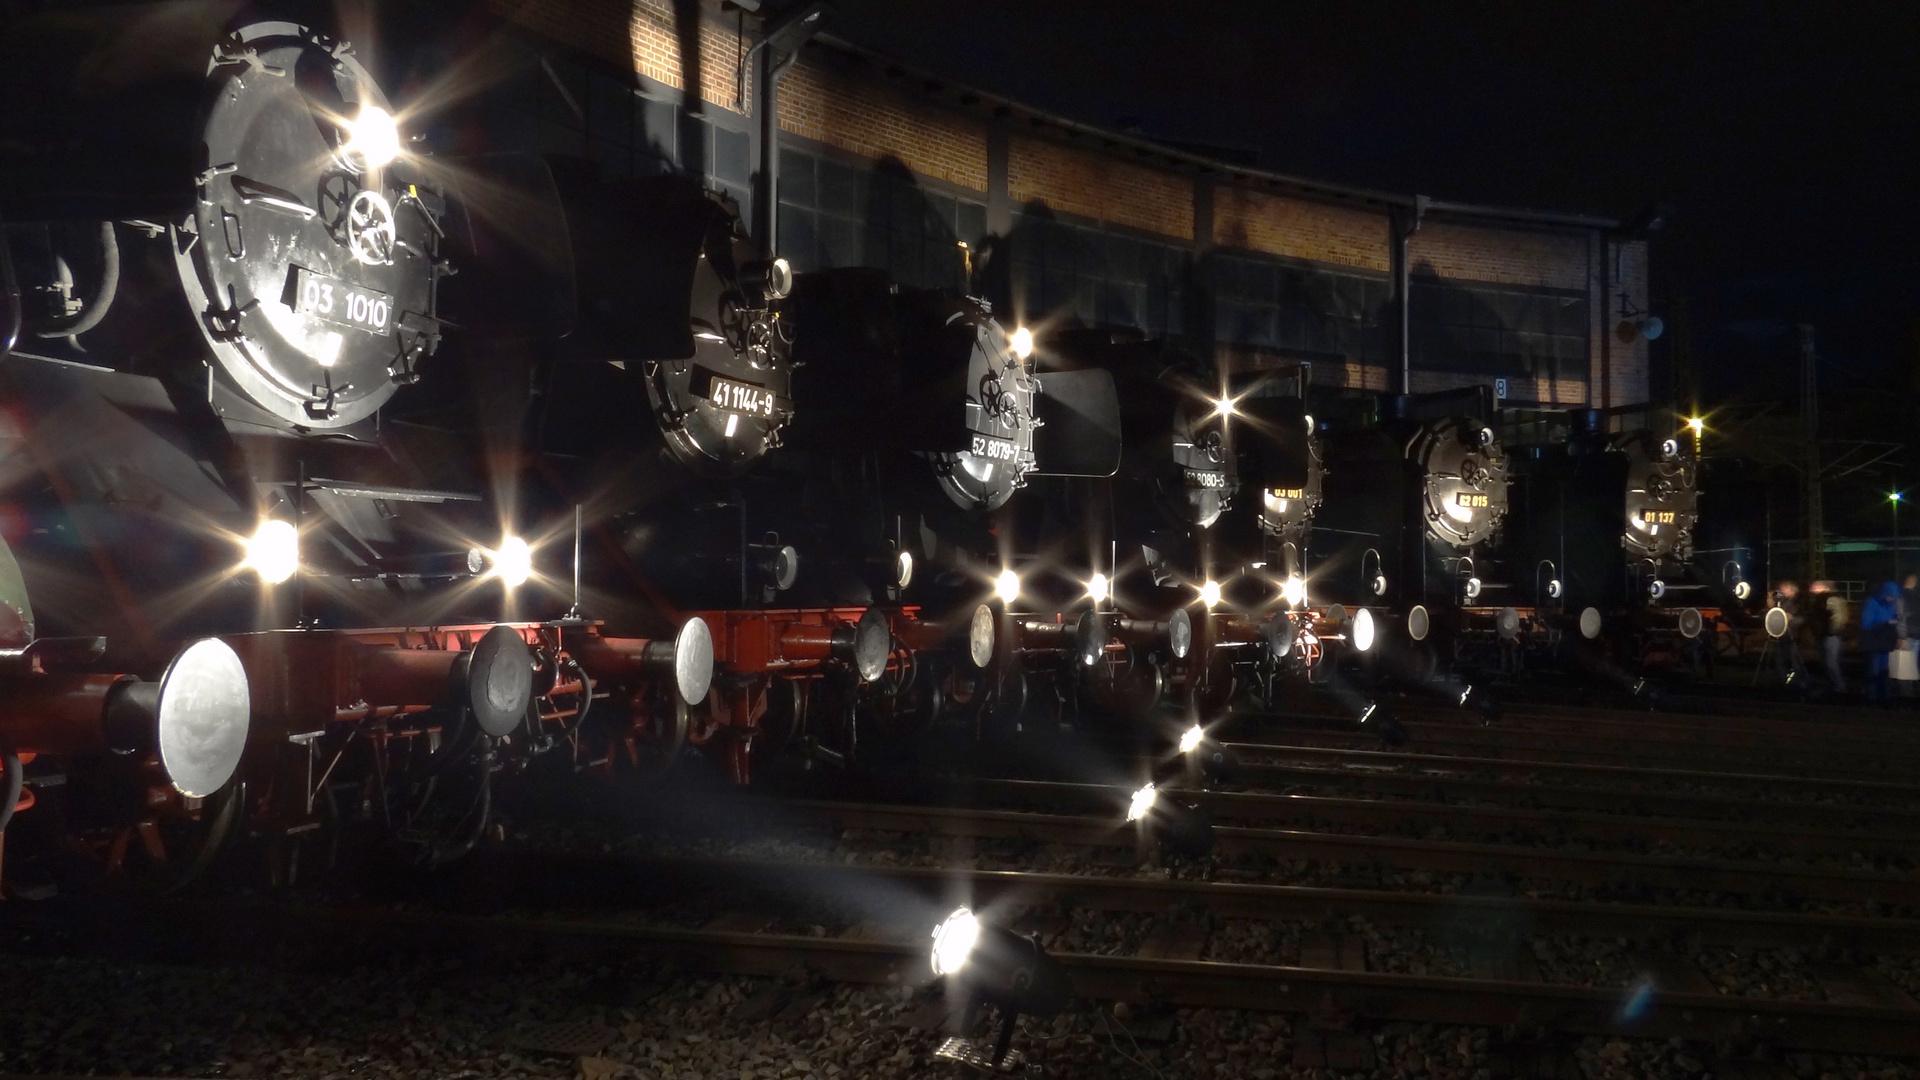 Dampfloks bei Nacht